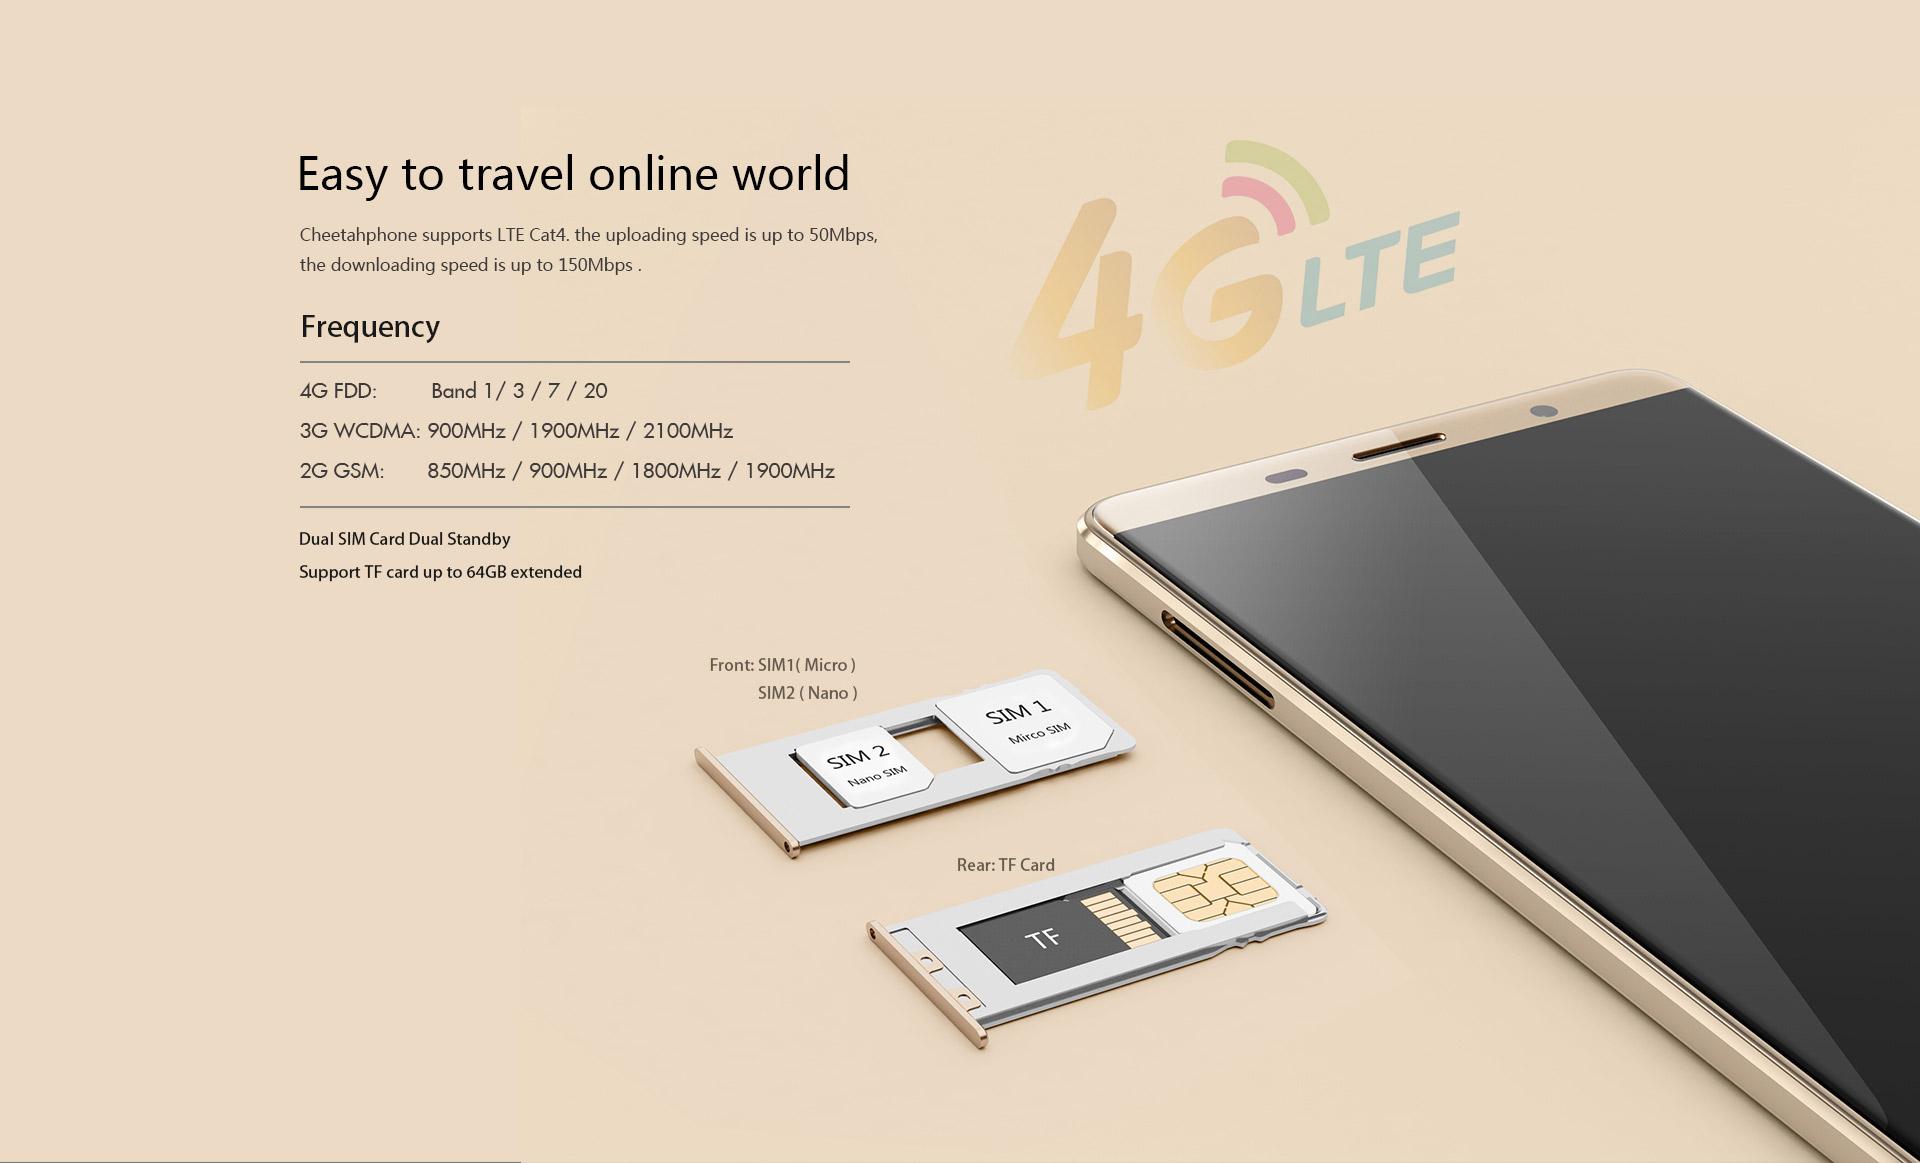 Cubot CheetahPhone , Neuheit, Smartphone China,Cubot Cheetah, LTE 800, B7 B20 LTE